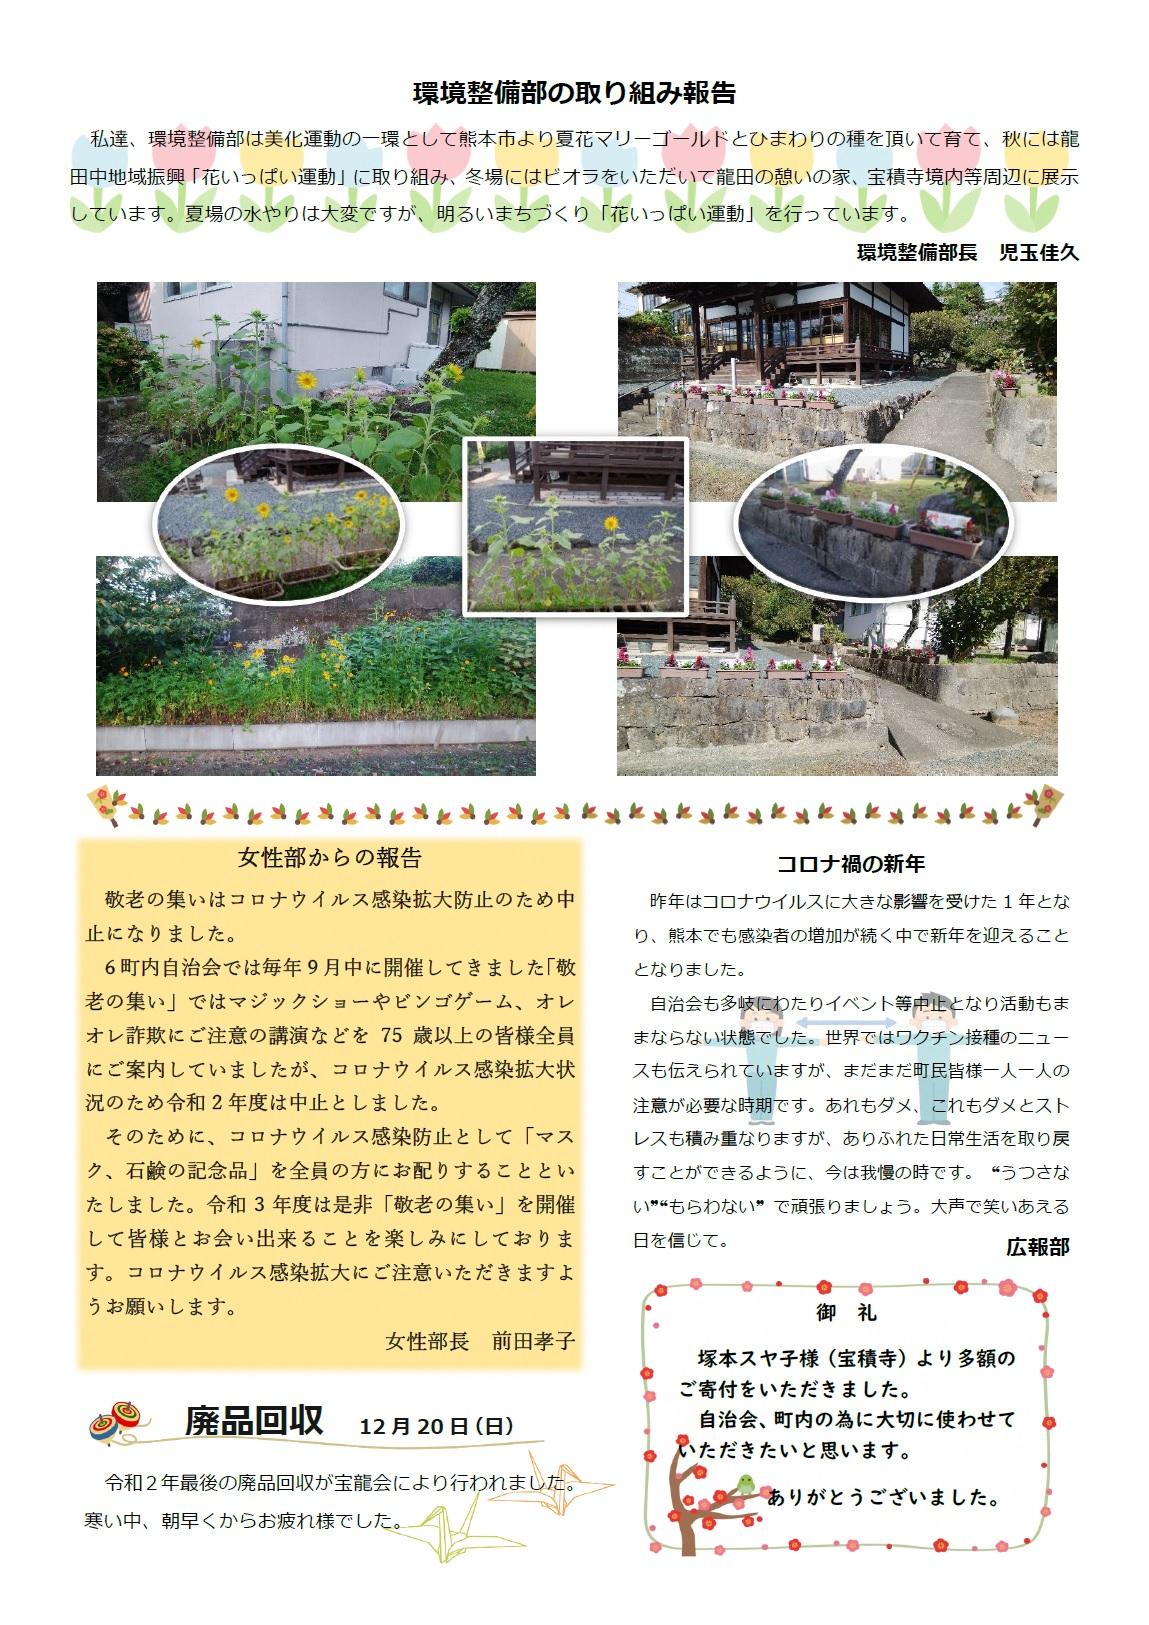 龍田校区第6町内会報紙(裏)